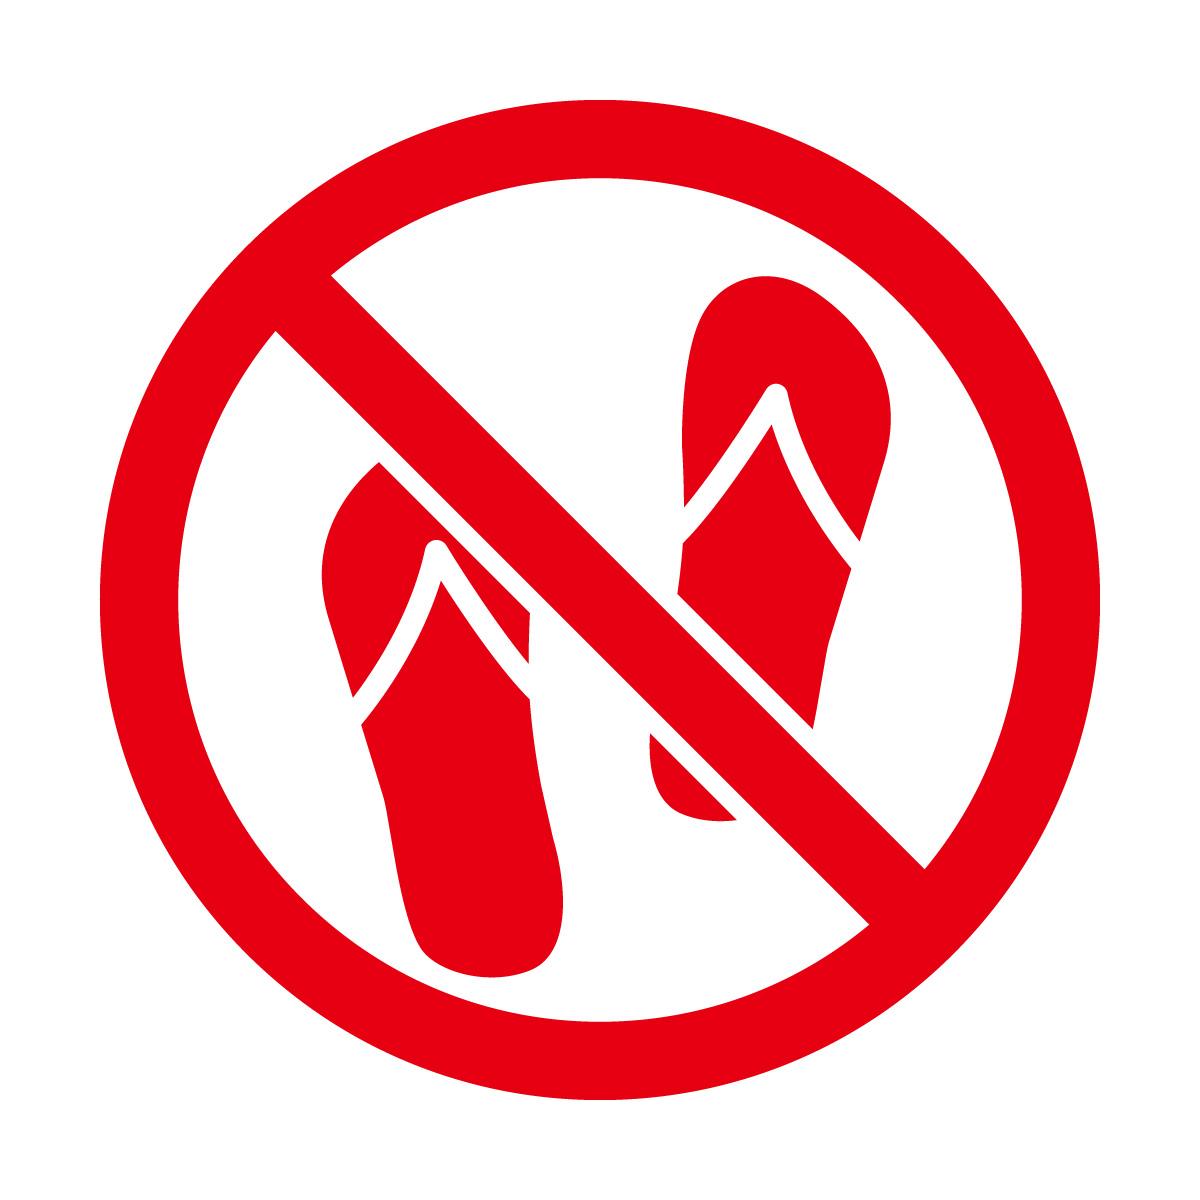 赤色のサンダル禁止マークのカッティングステッカー・シール 光沢タイプ・防水・耐水・屋外耐候3~4年